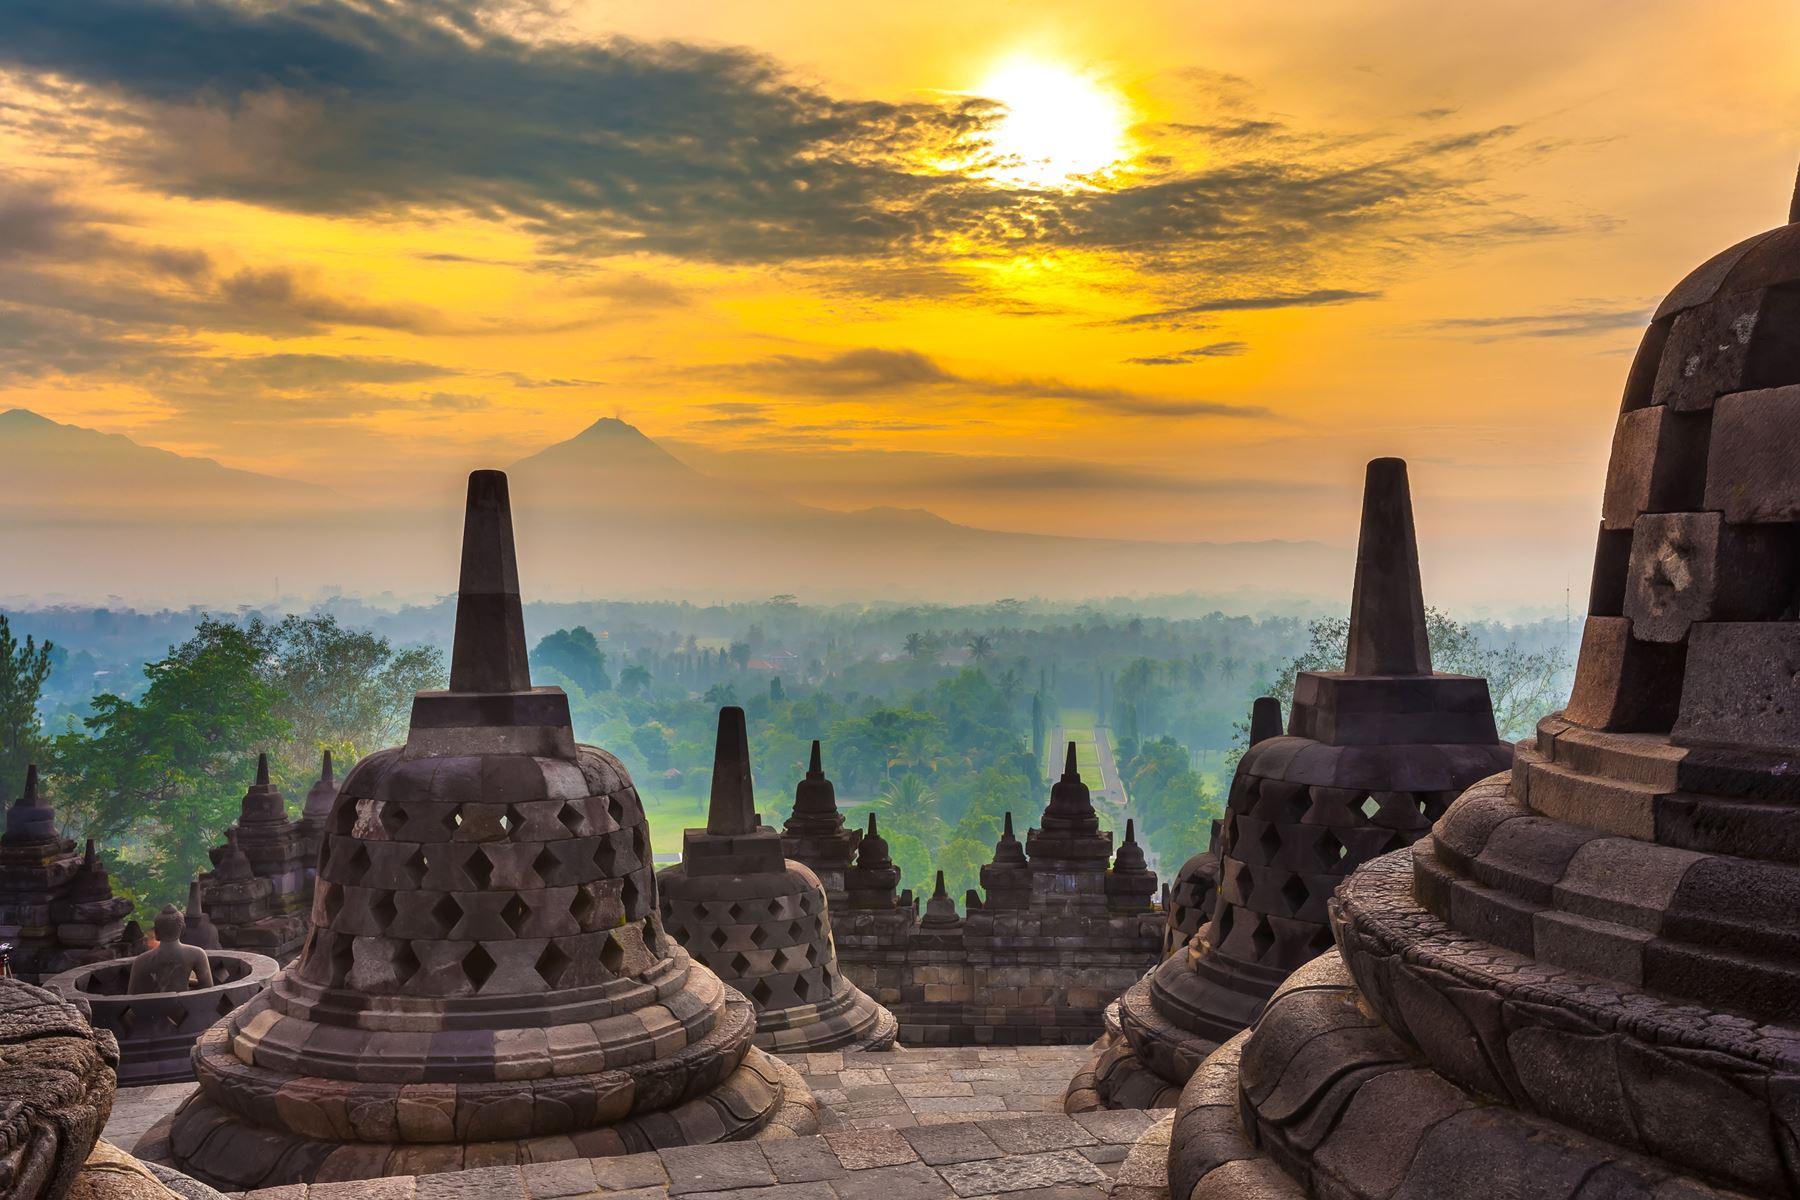 Indonesie Yogyakarta Tempel Natuur